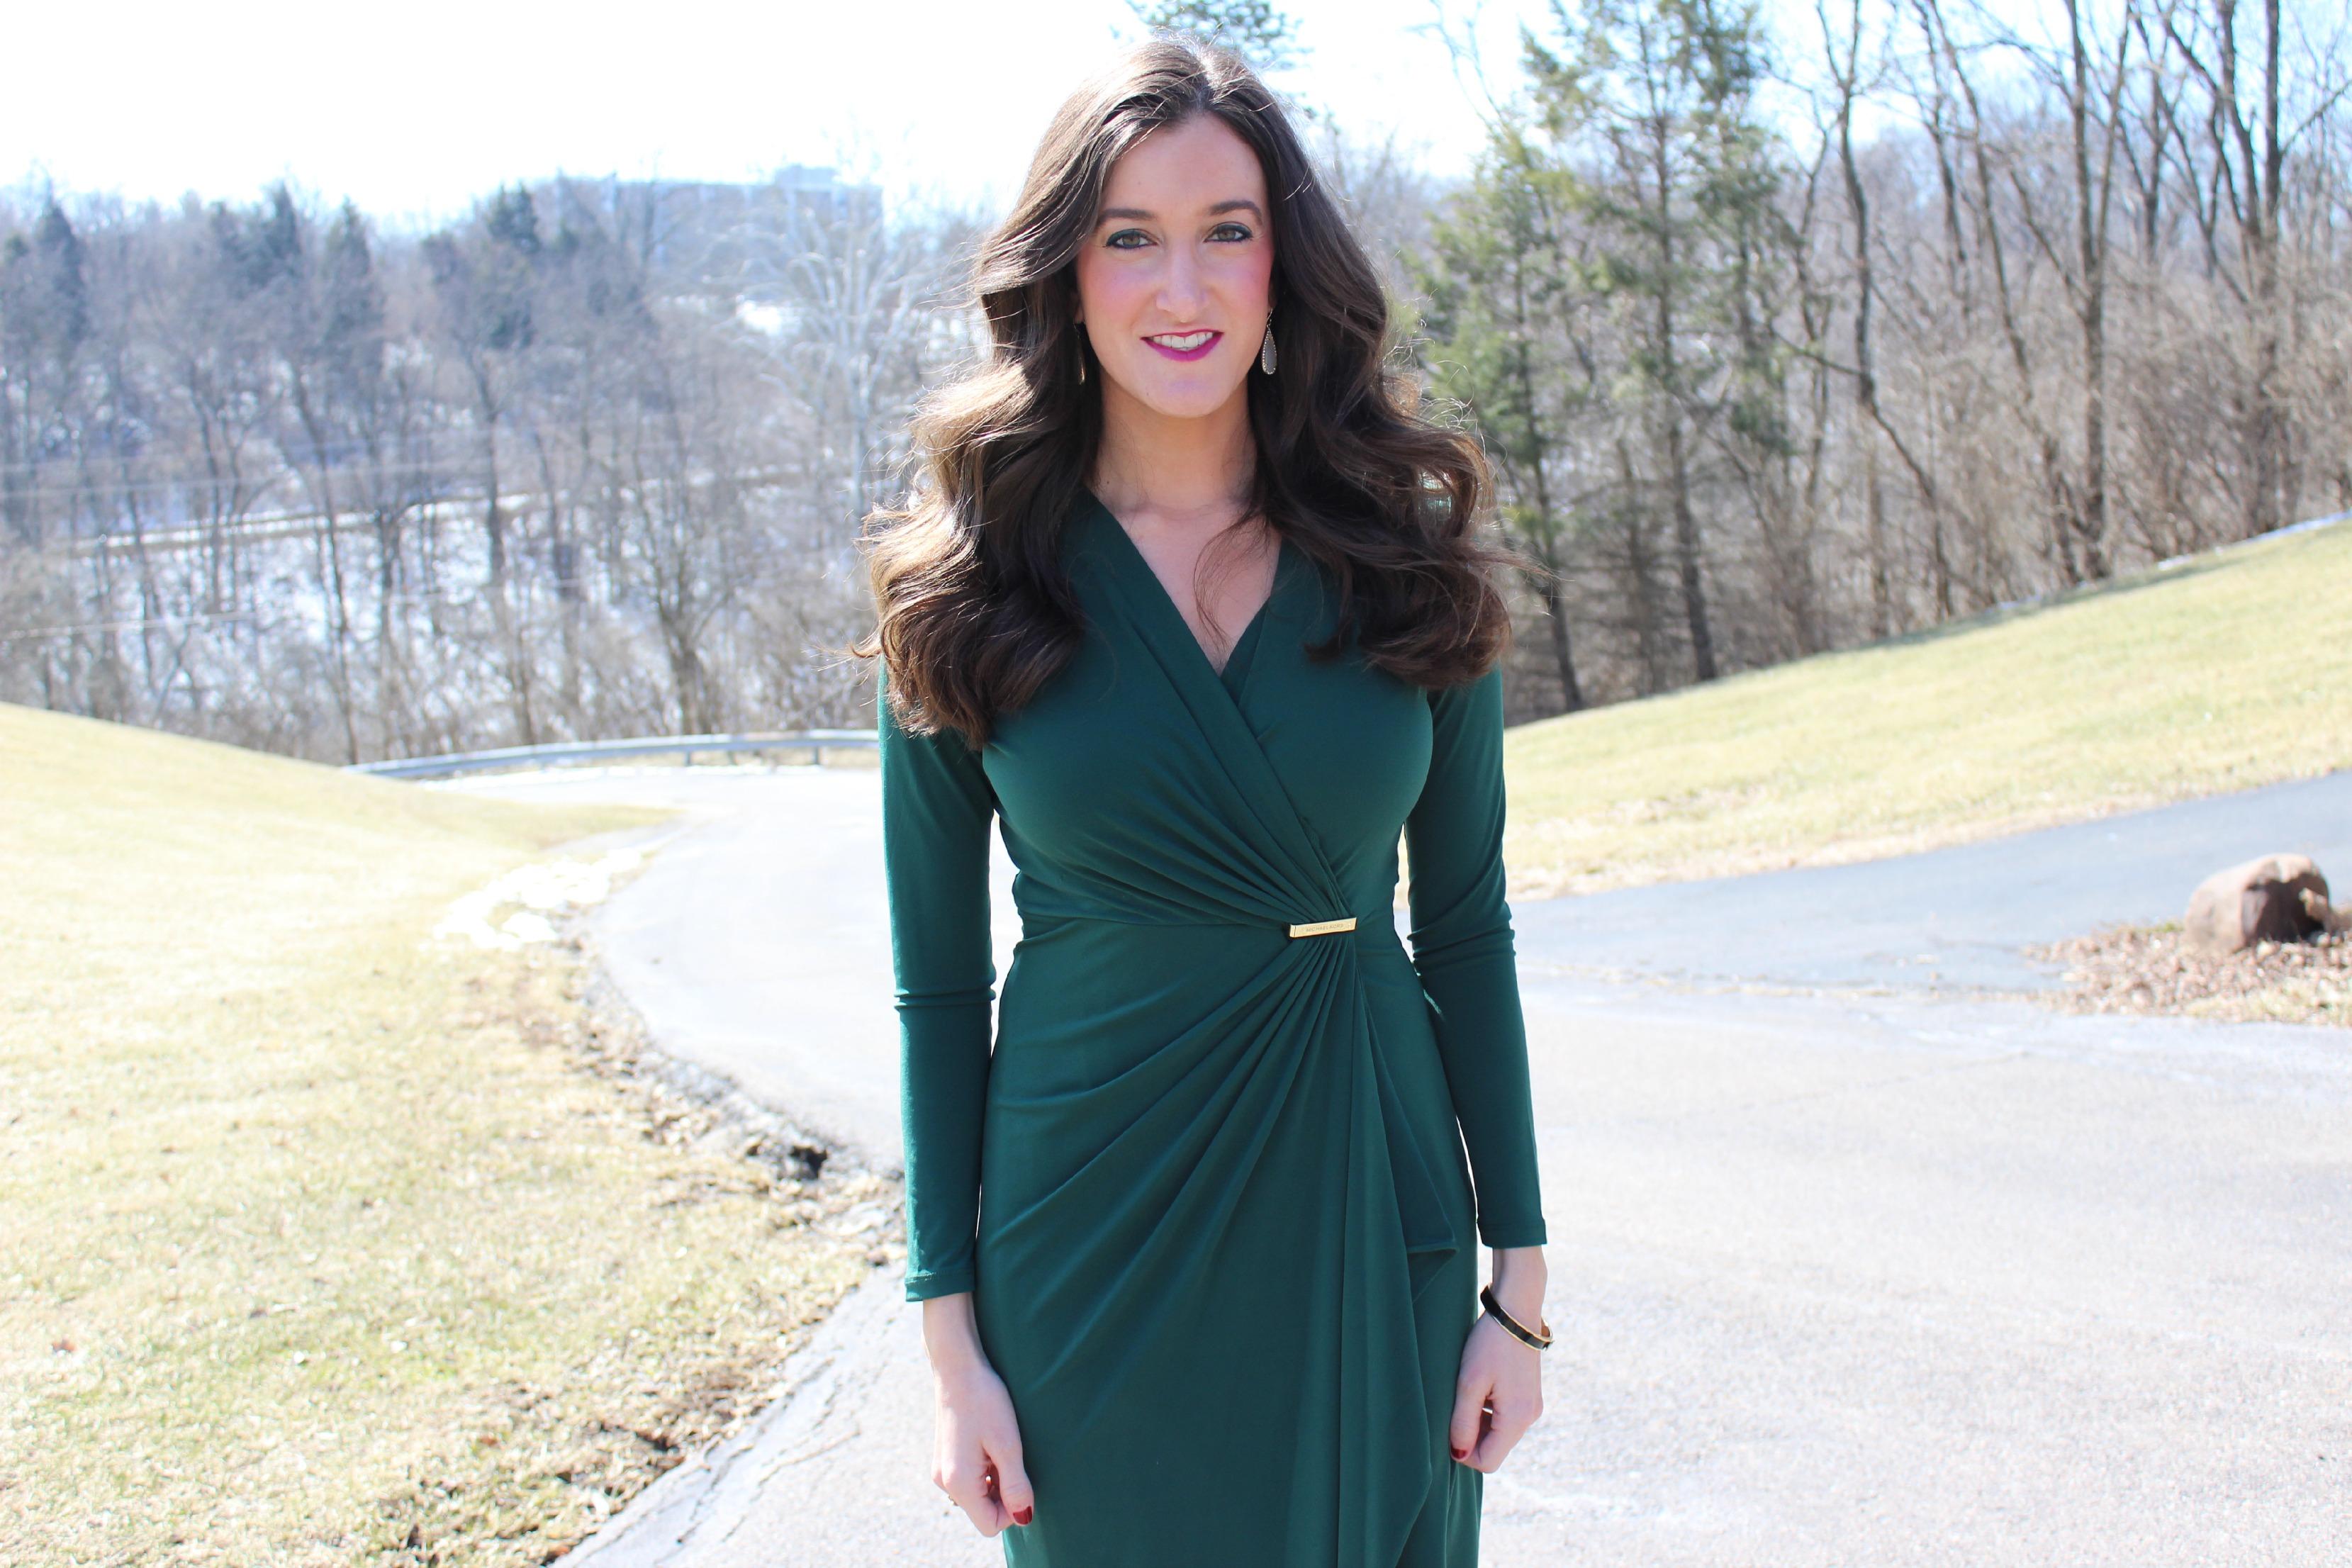 Hunter Green Michael Kors Dress